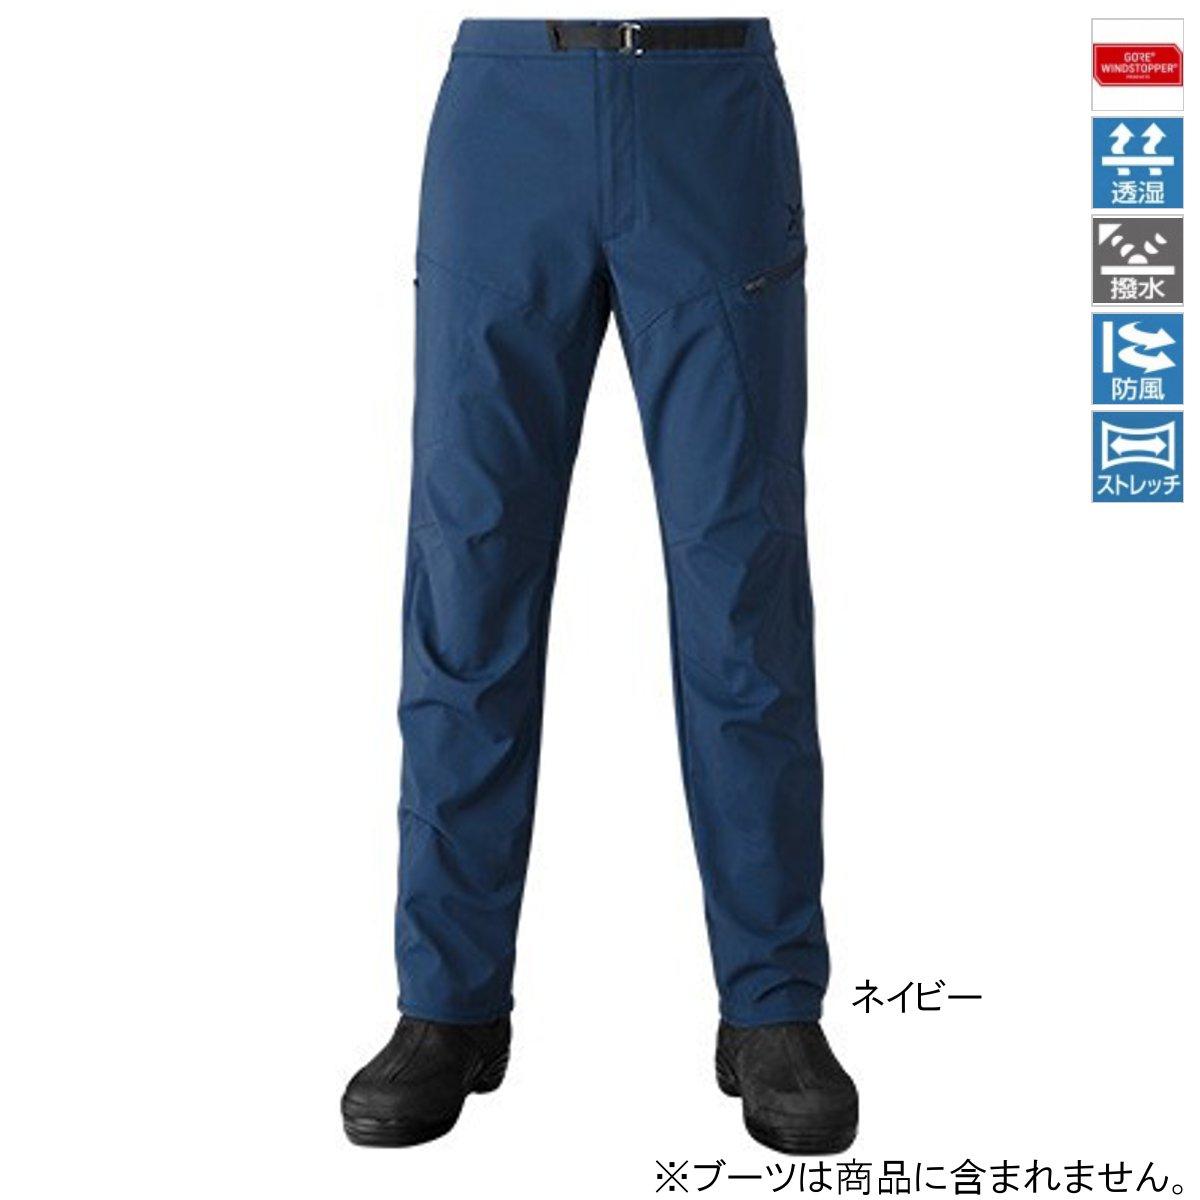 シマノ XEFO GORE WINDSTOPPER ボトム PA-241R XL ネイビー(東日本店)